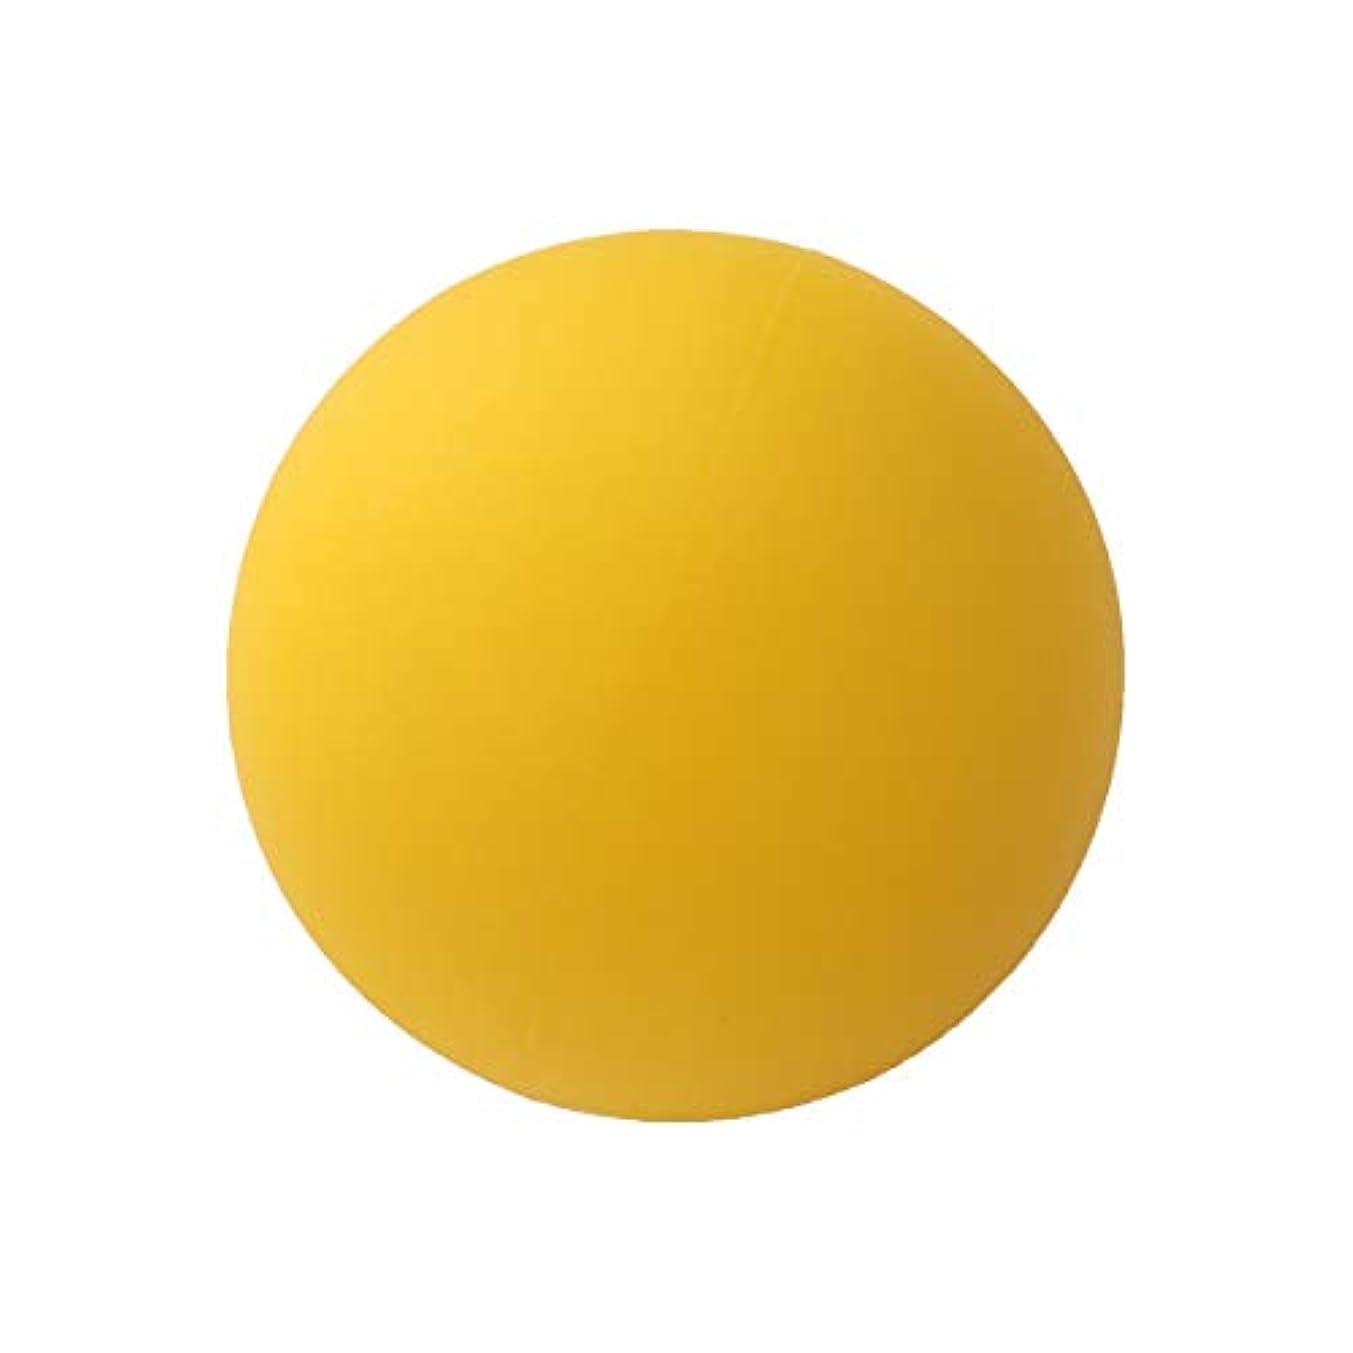 責任者地下鉄リアルVORCOOL マッサージボール ヨガ ストレッチボール トリガーポイント 筋膜リリース トレーニング 背中 肩こり 腰 ふくらはぎ 足裏 ツボ押しグッズ 物理 マッサージ 療法ボール